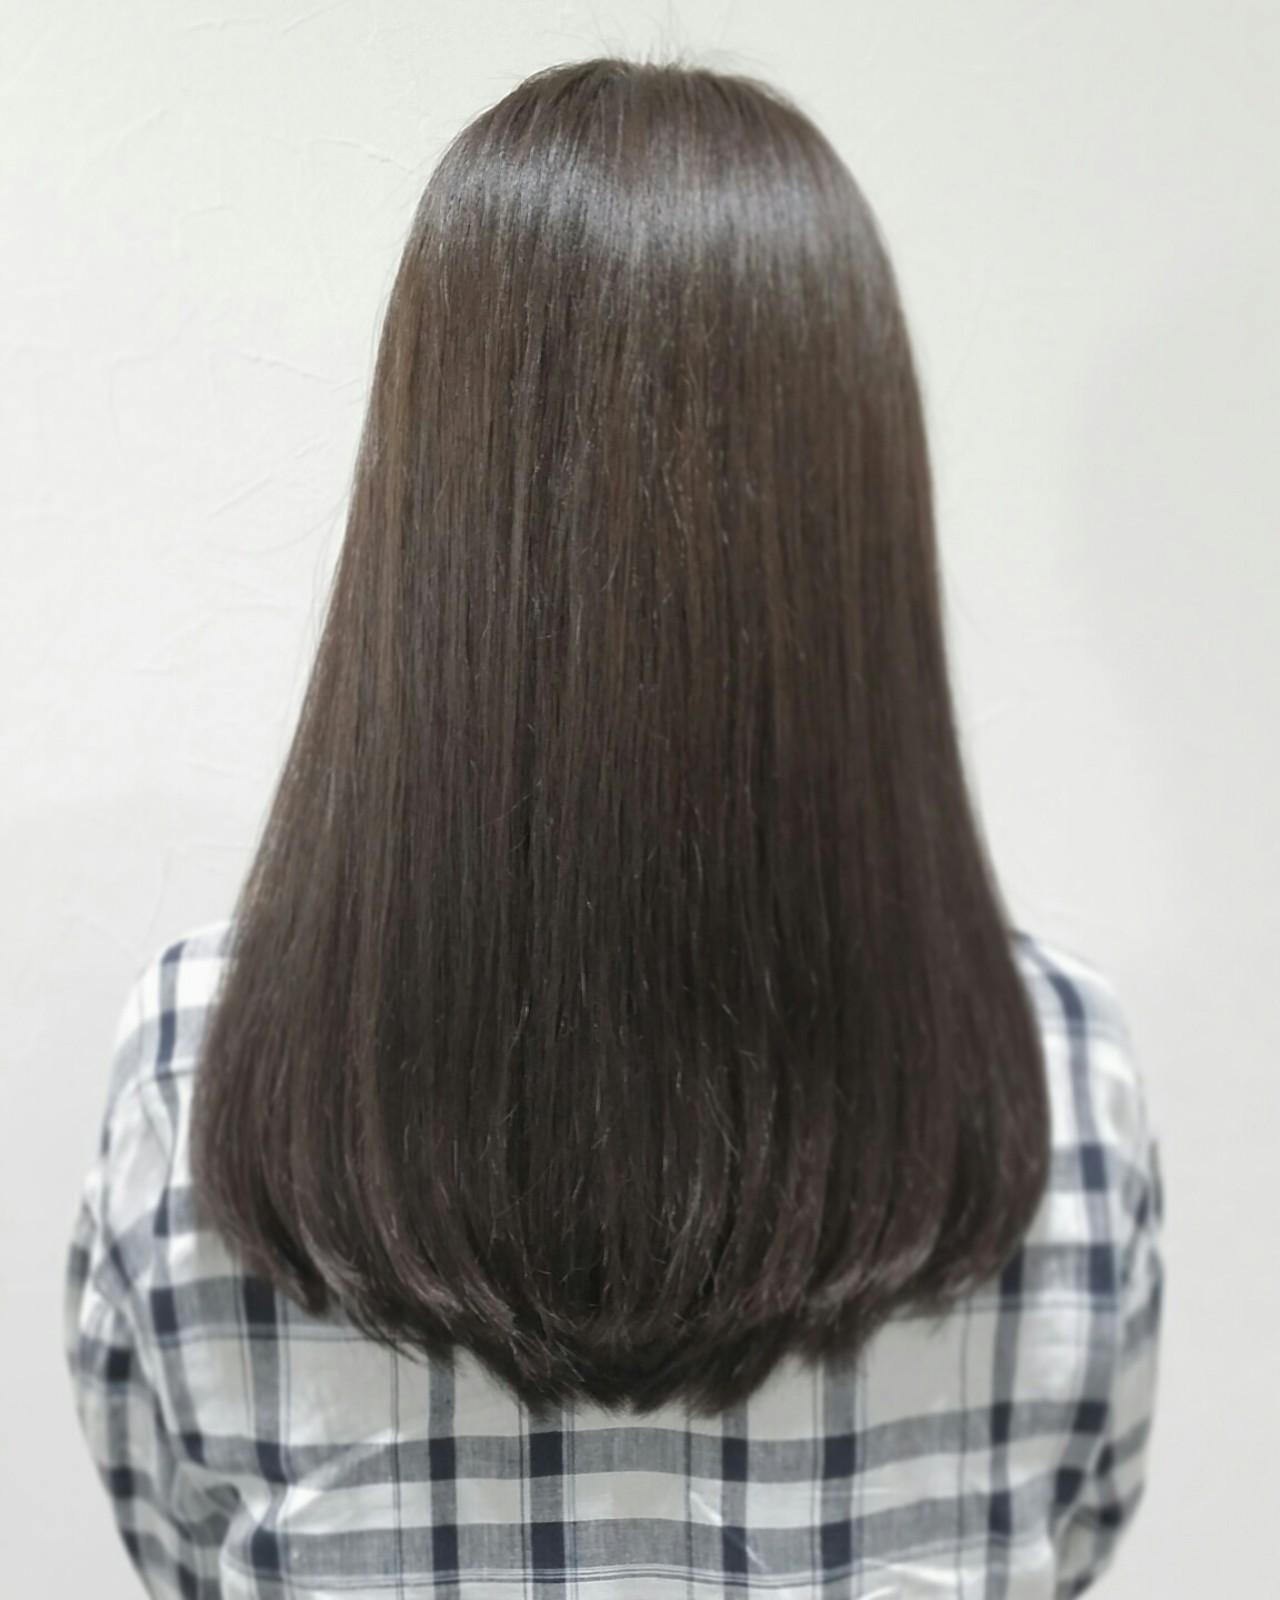 イルミナカラー 外国人風 セミロング ブルージュヘアスタイルや髪型の写真・画像